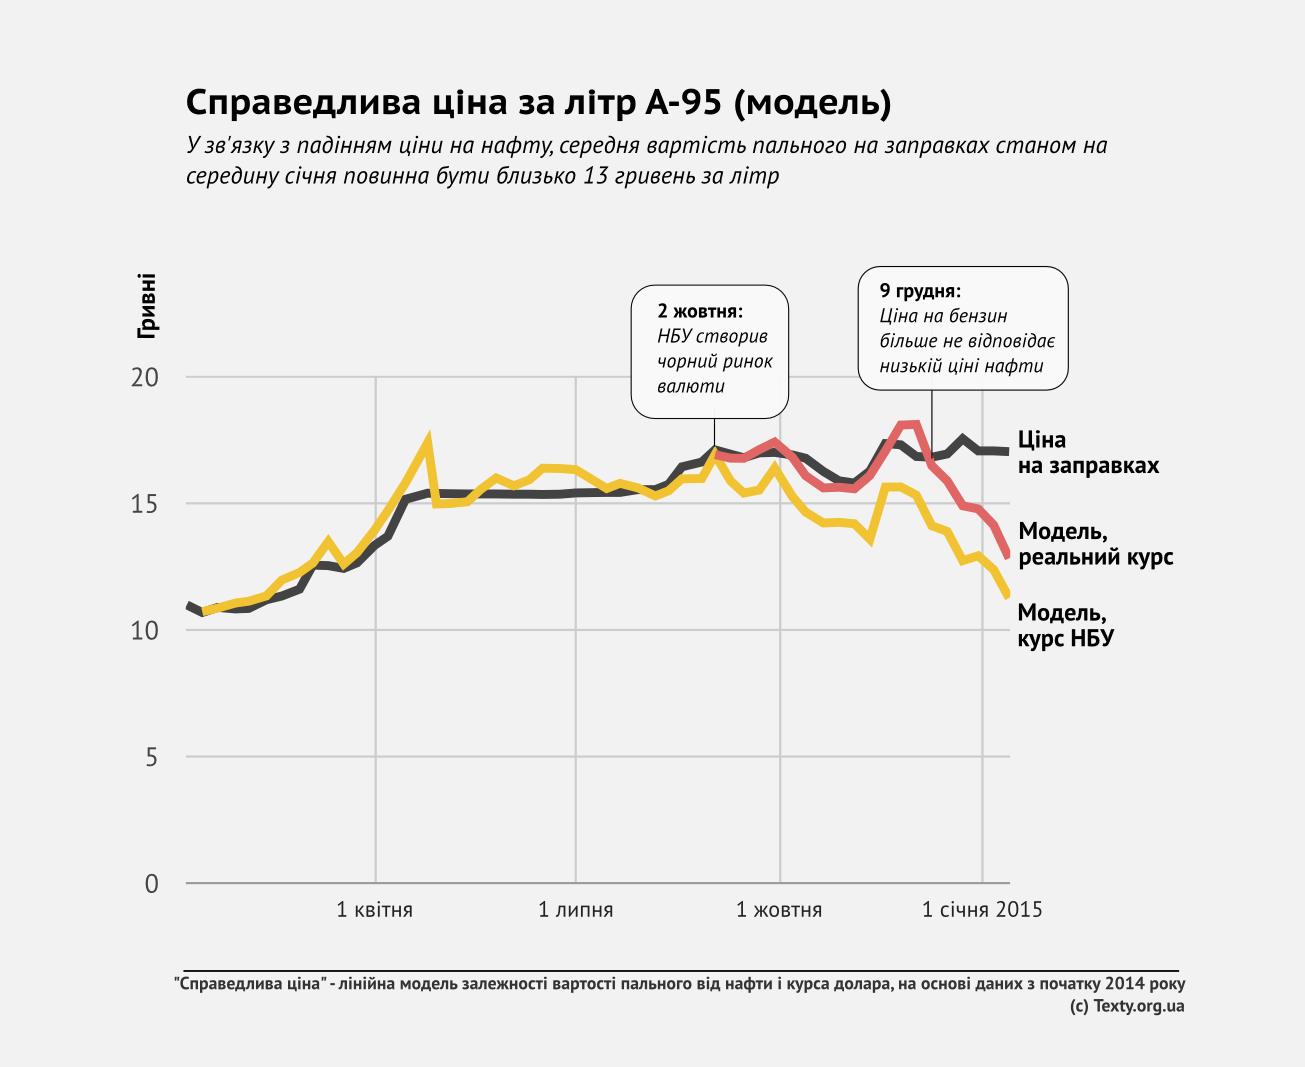 Ситуация с ценами на нефть оказалась сложнее, чем ожидалось, - Медведев - Цензор.НЕТ 4947